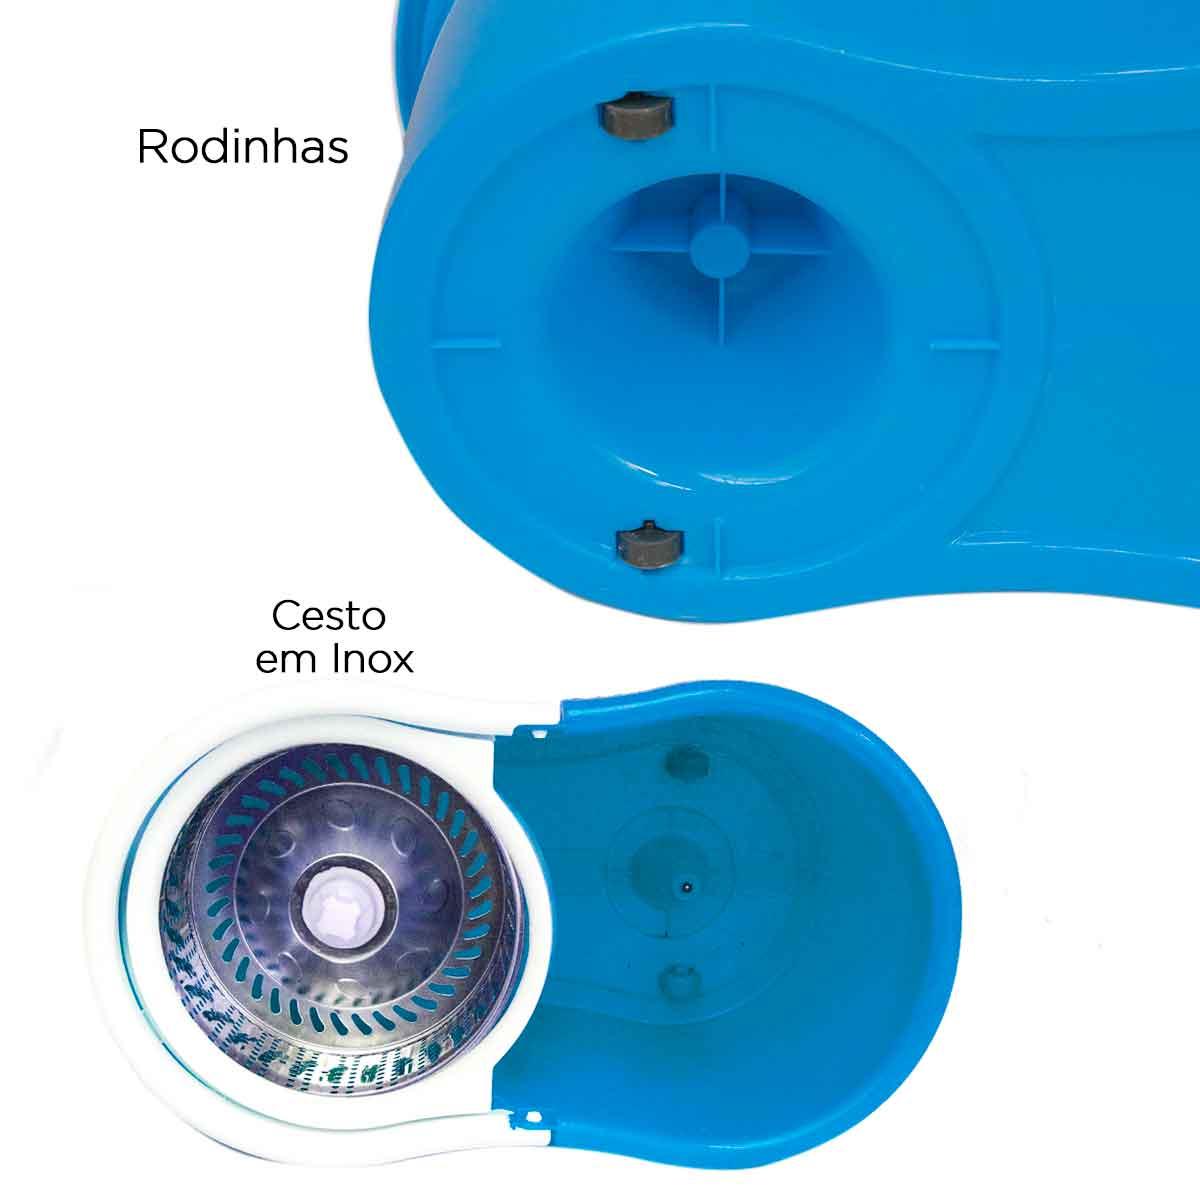 Balde Spin Mop 360 Centrifuga Cesto Inox Esfregão 16lt Refis